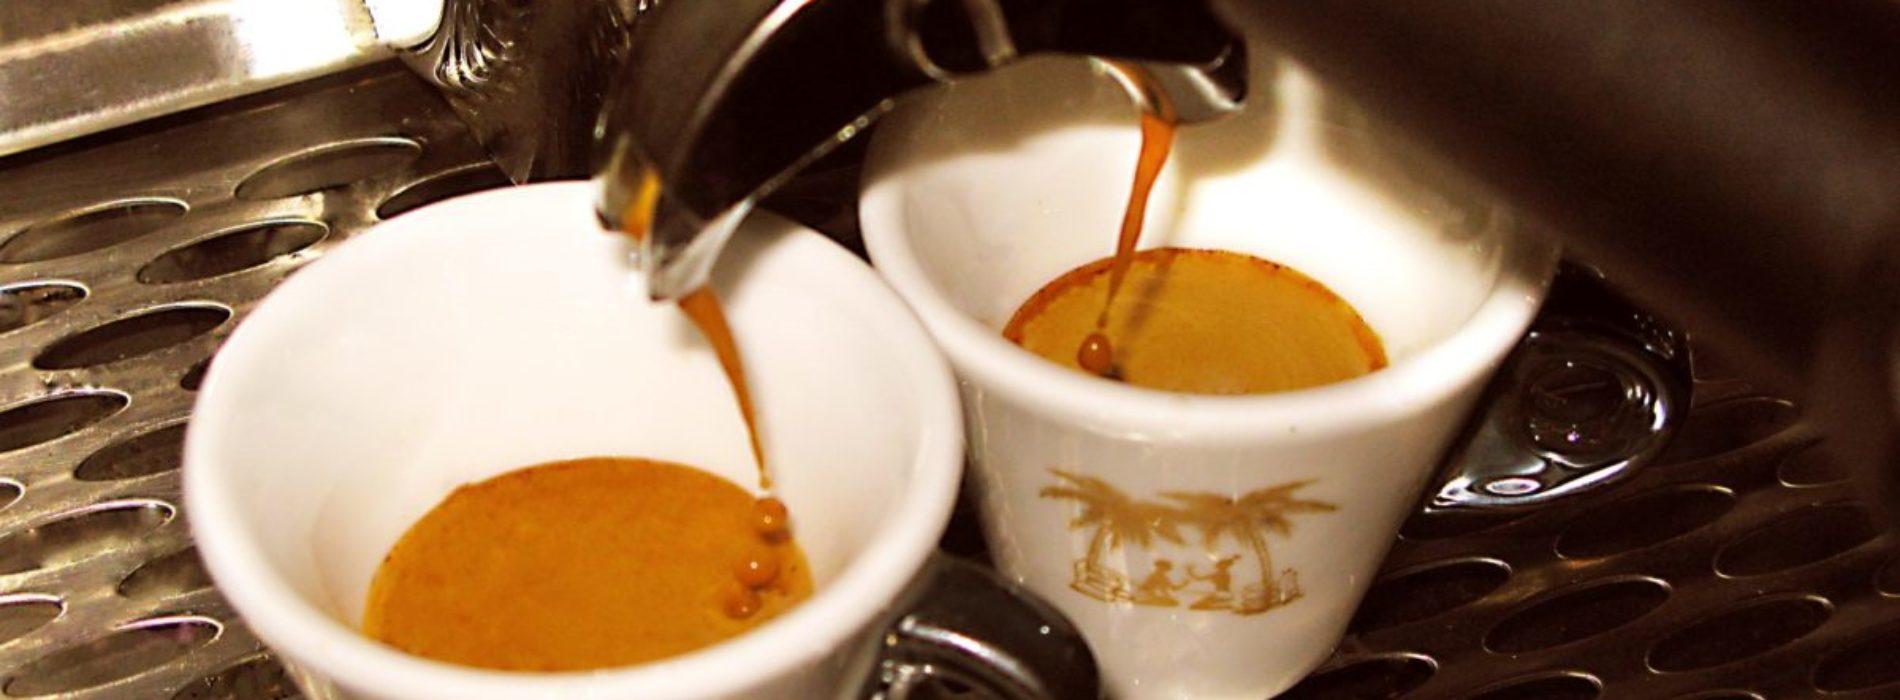 Ottolina Caffè Milano, dalla colazione all'aperitivo il nuovo bar e bistrot nel piazzale di Palazzo Lombardia